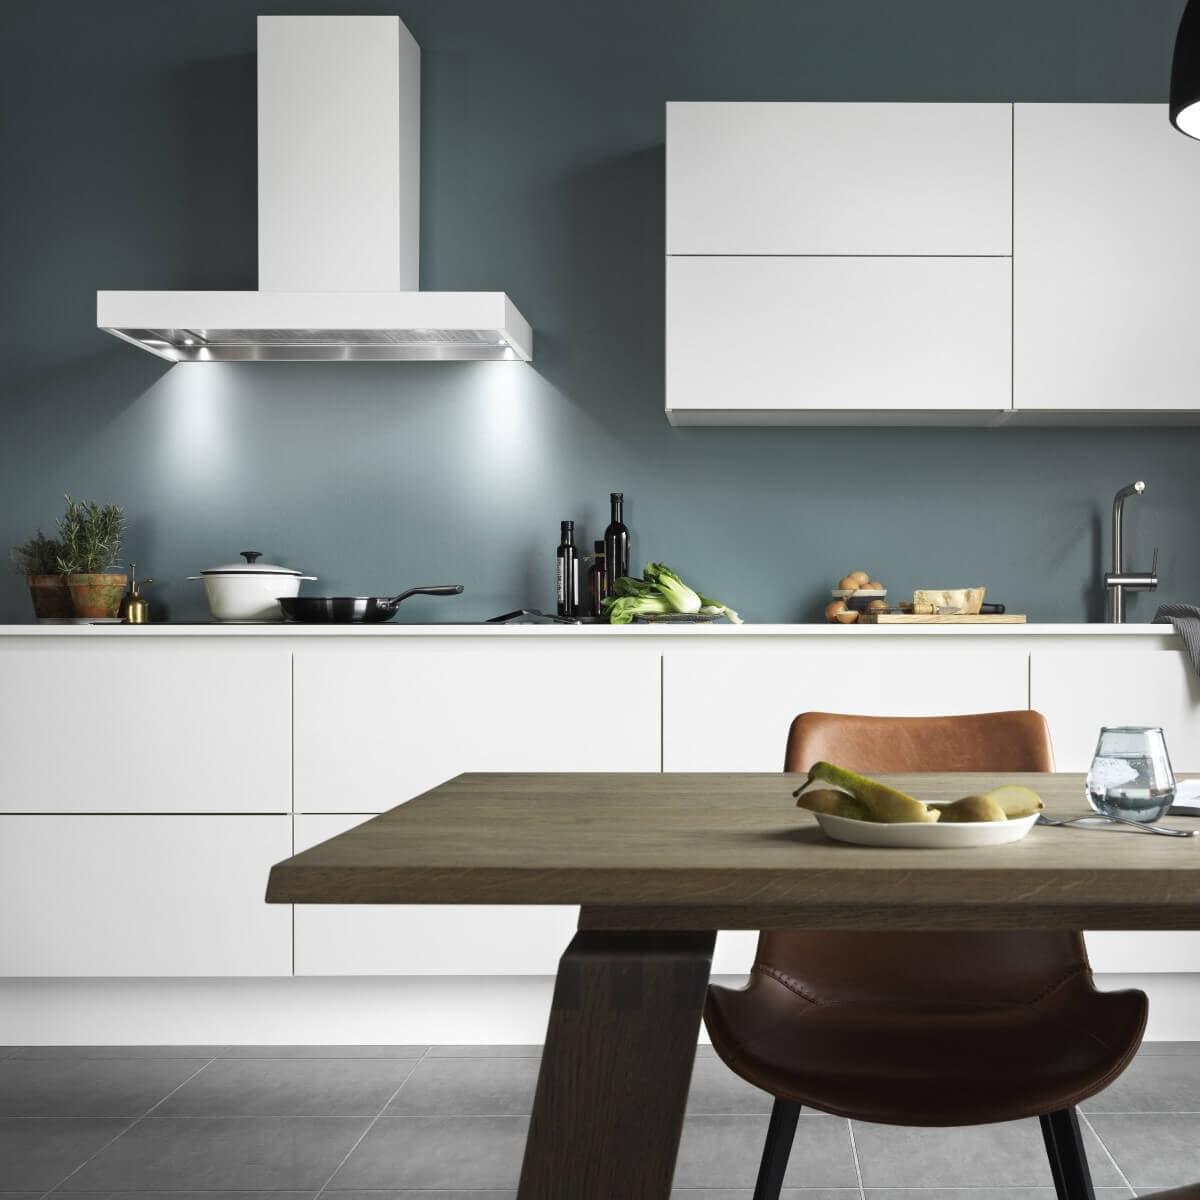 Vägghängda köksfläkten Strikt i vitt utförande i minimalist köksmiljö med vita köksluckor.